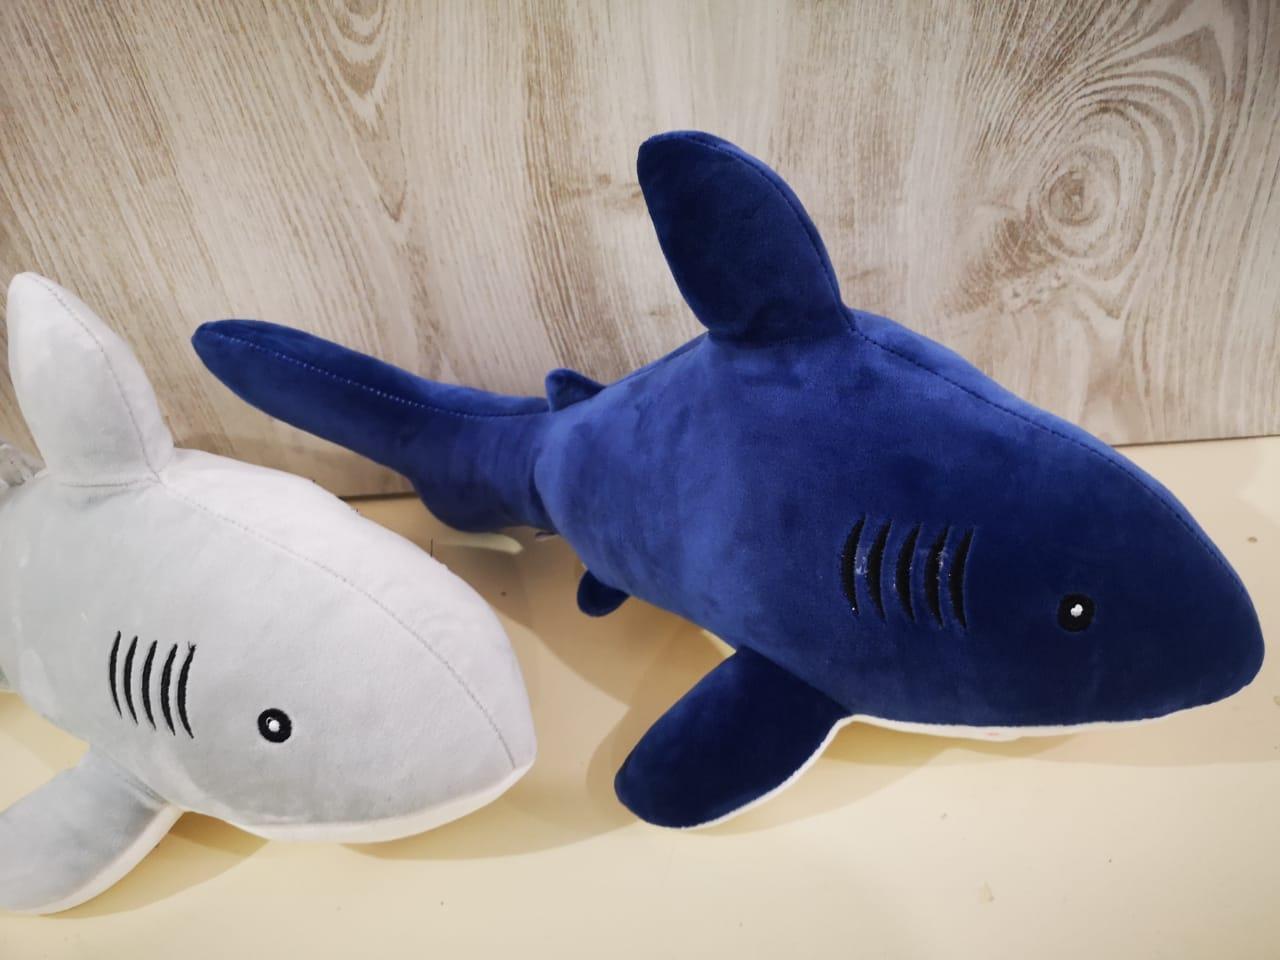 Мягкая игрушка Акула 50 см. - фото 2